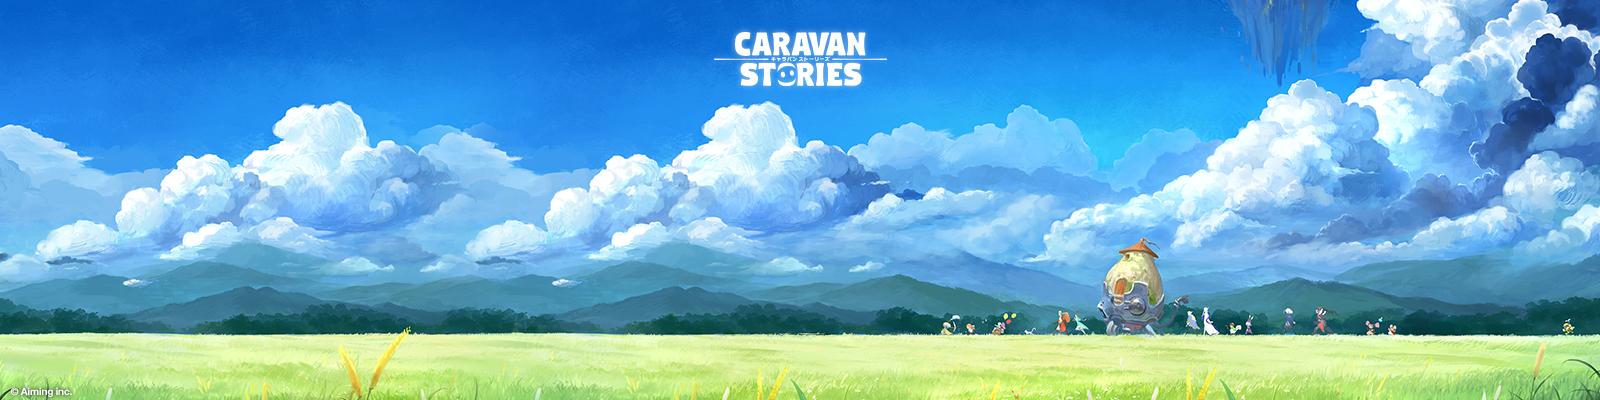 CARAVAN STORIES(キャラバン ストーリーズ)